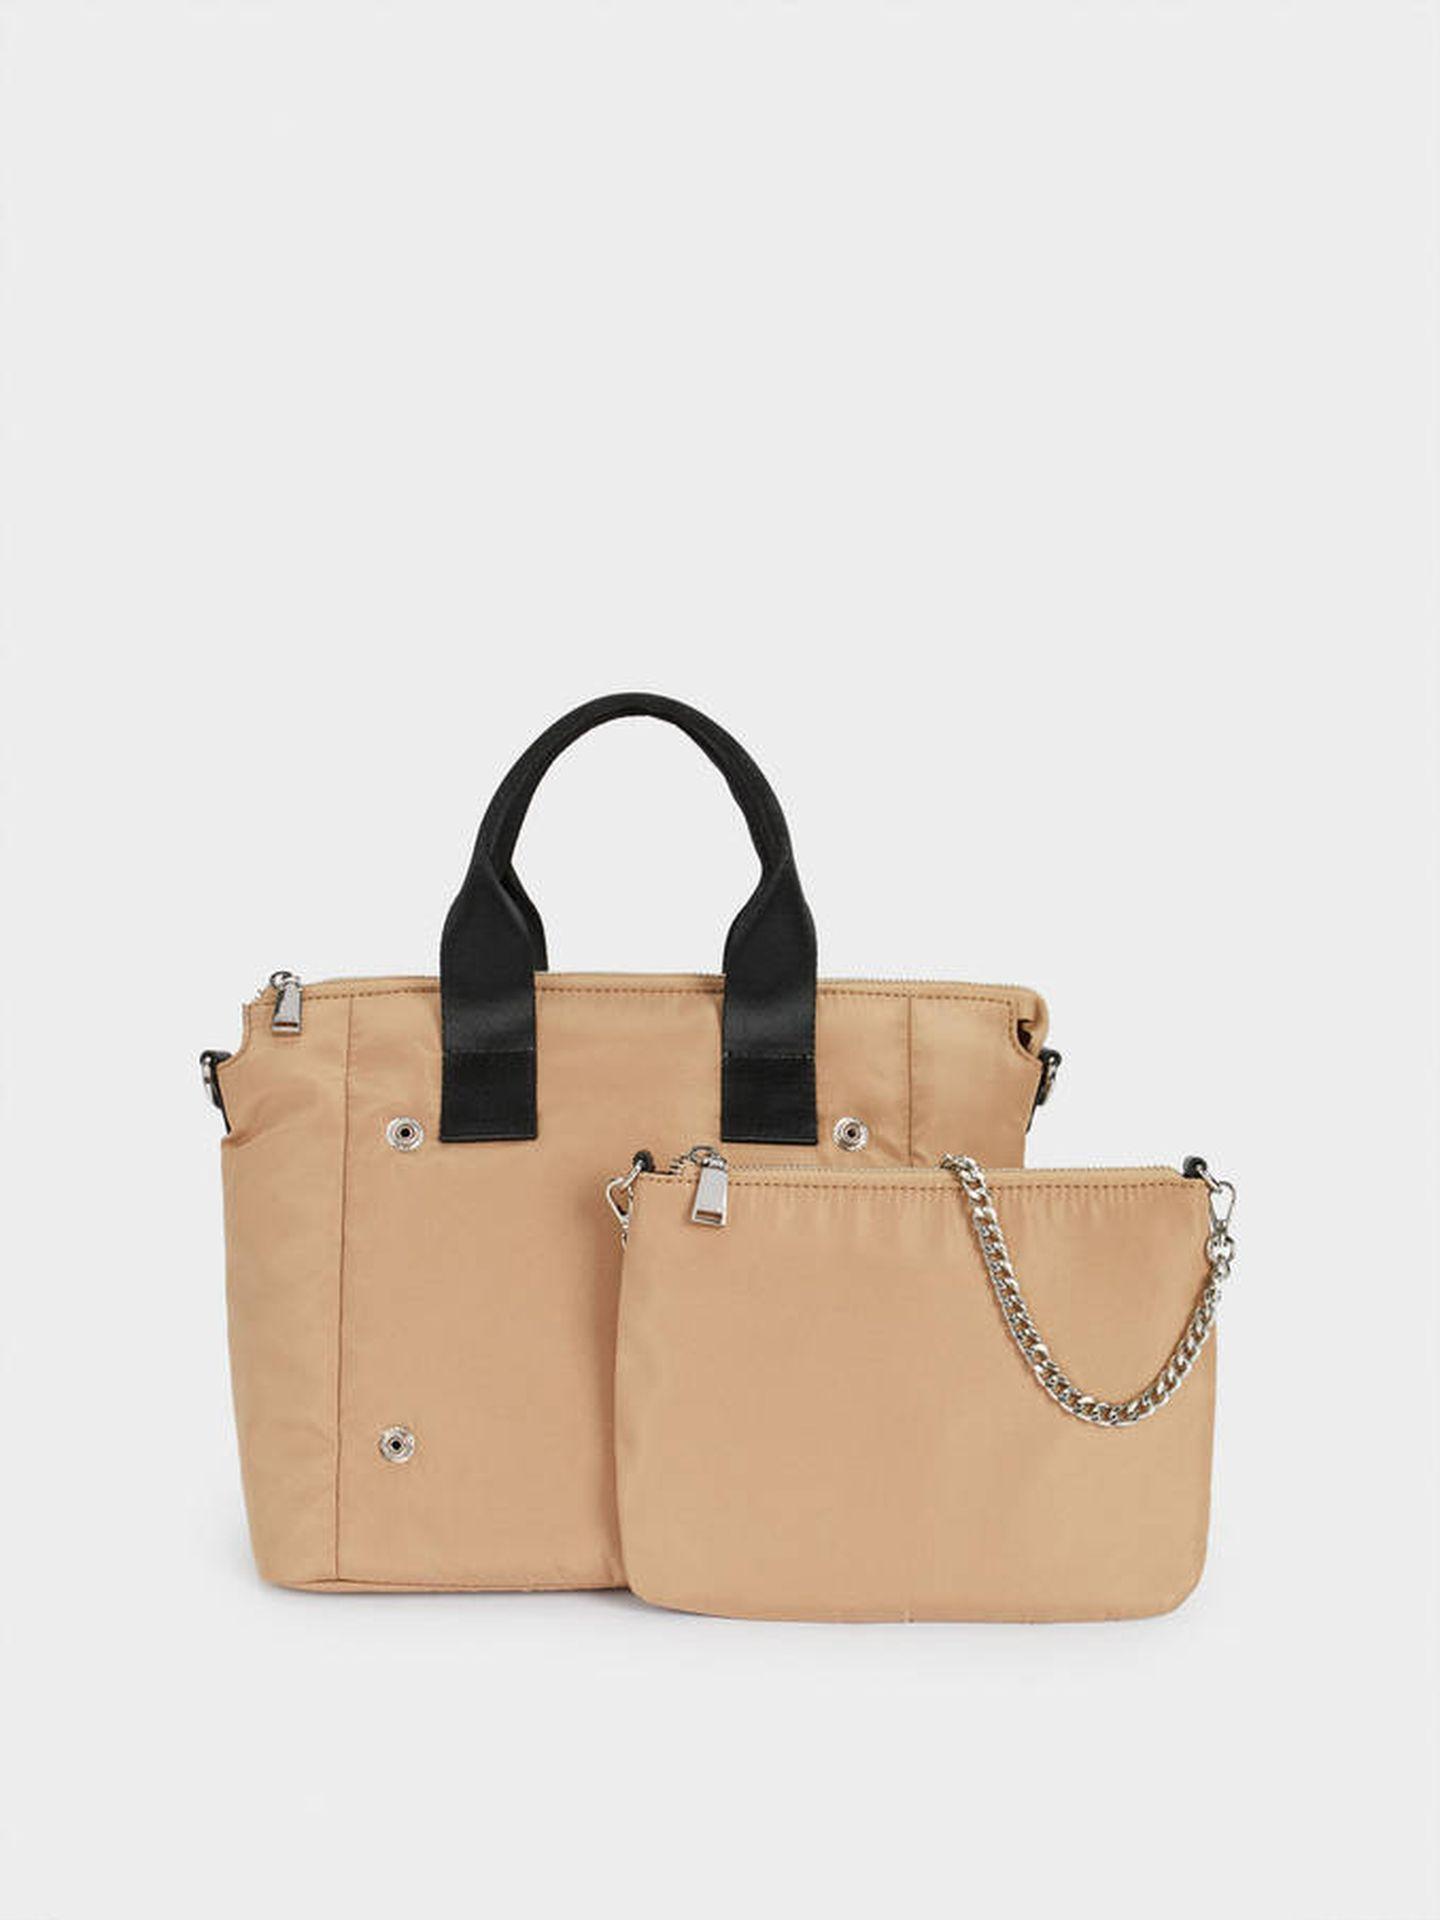 El nuevo bolso shopper de Parfois. (Cortesía)